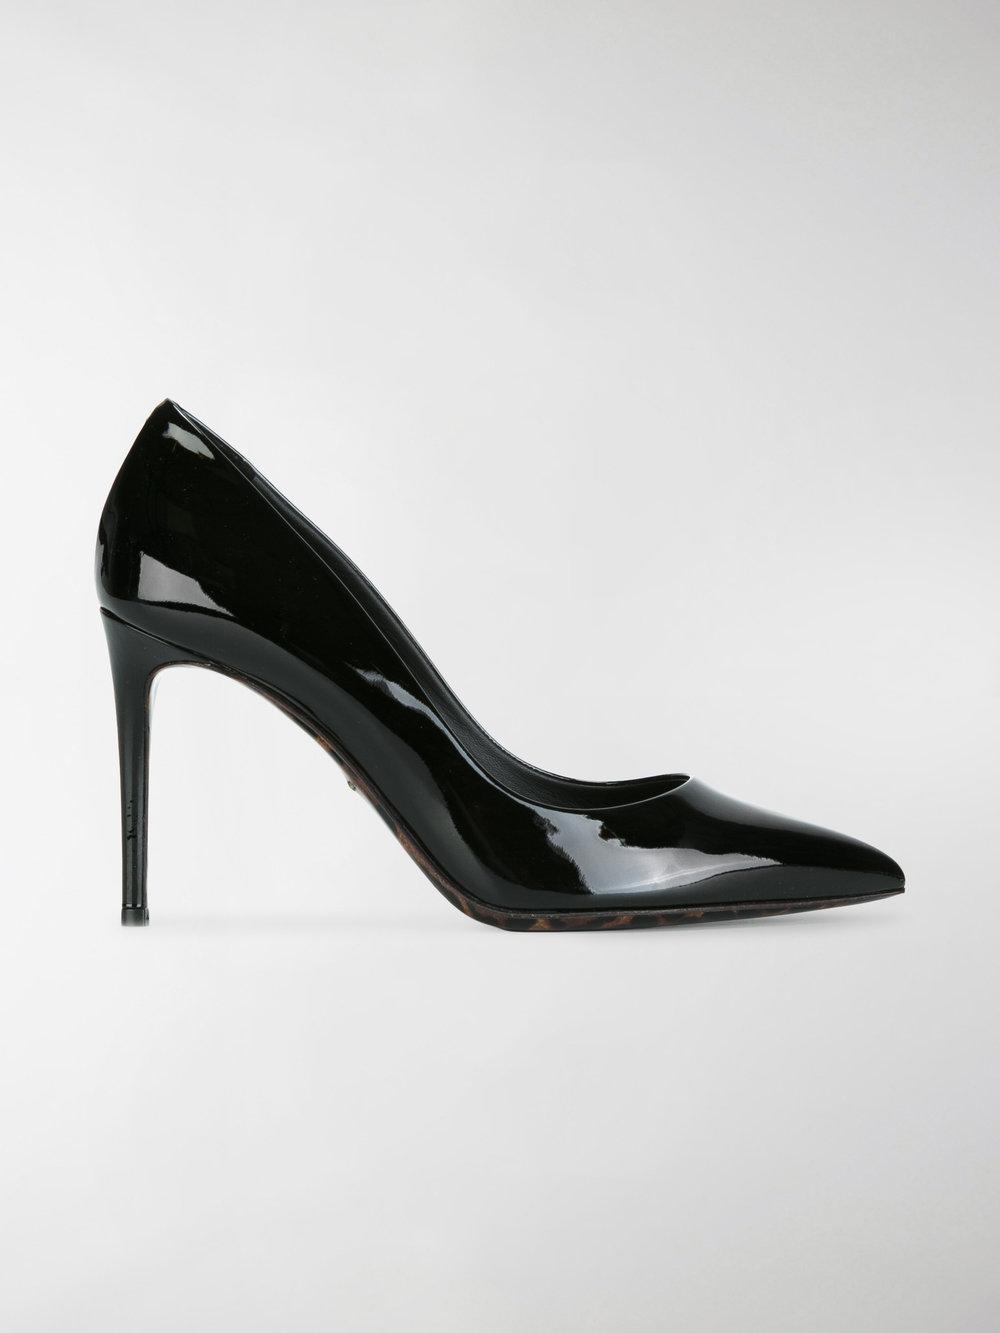 Dolce & Gabbana Pompes De Finition Léopard - Noir VWHru2i7OD